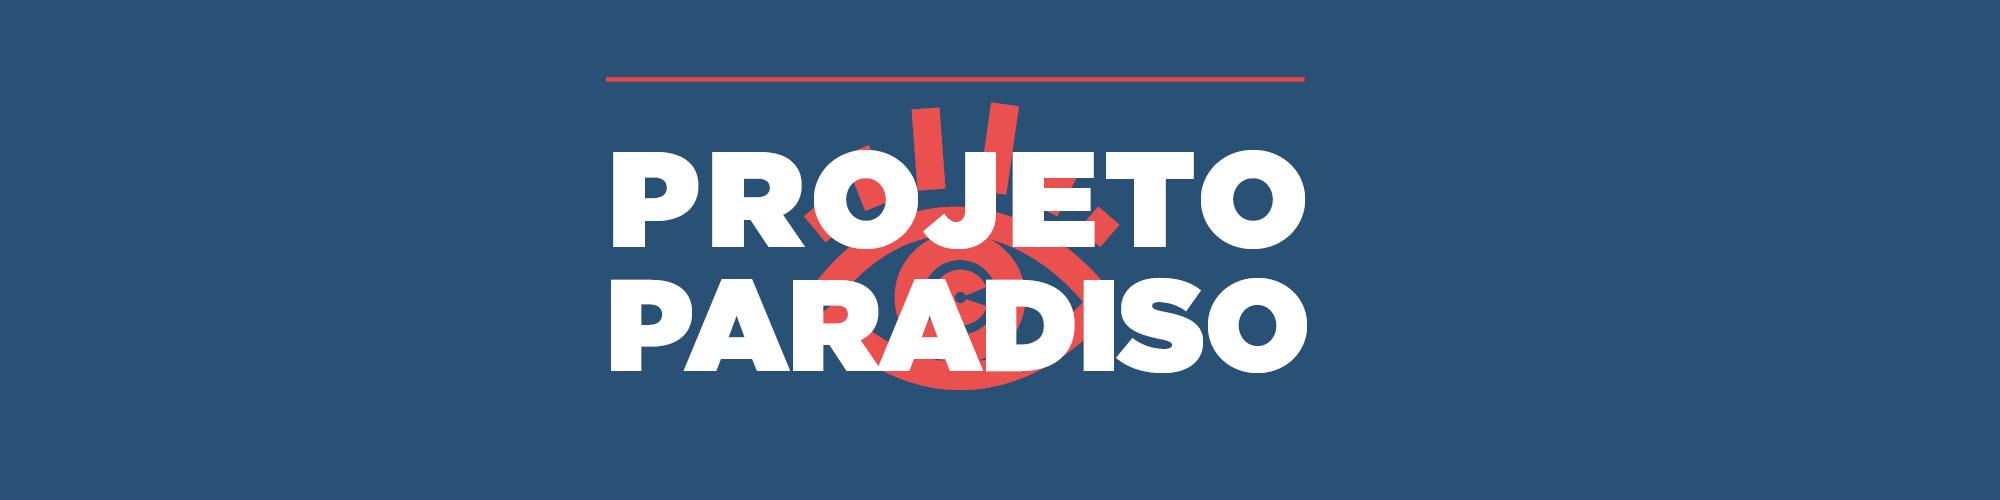 Conheça as tendências para o mercado audiovisual no lançamento do programa Projeto Paradiso